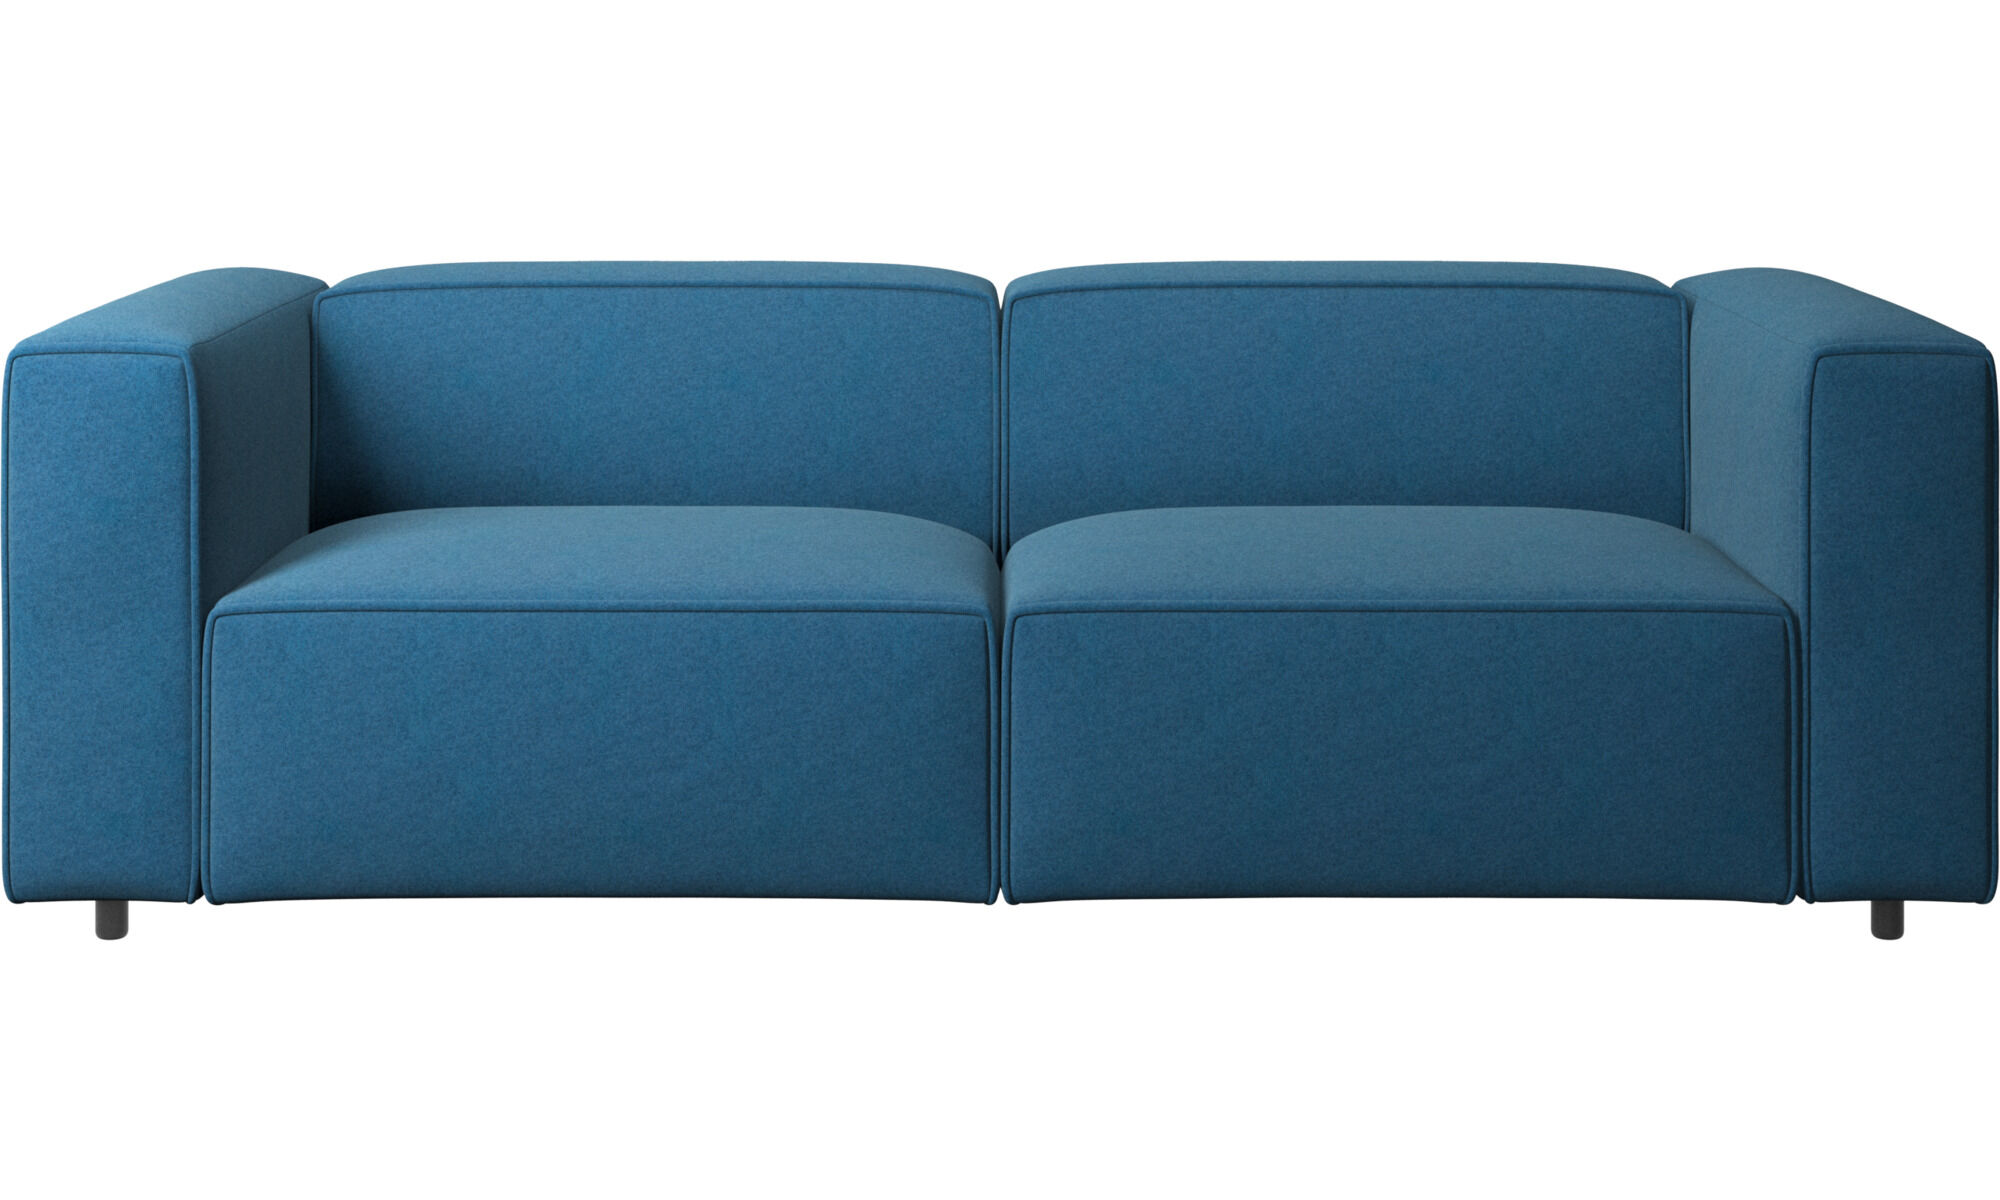 Merveilleux 2.5 Seater Sofas   Carmo Sofa   Blue   Fabric ...